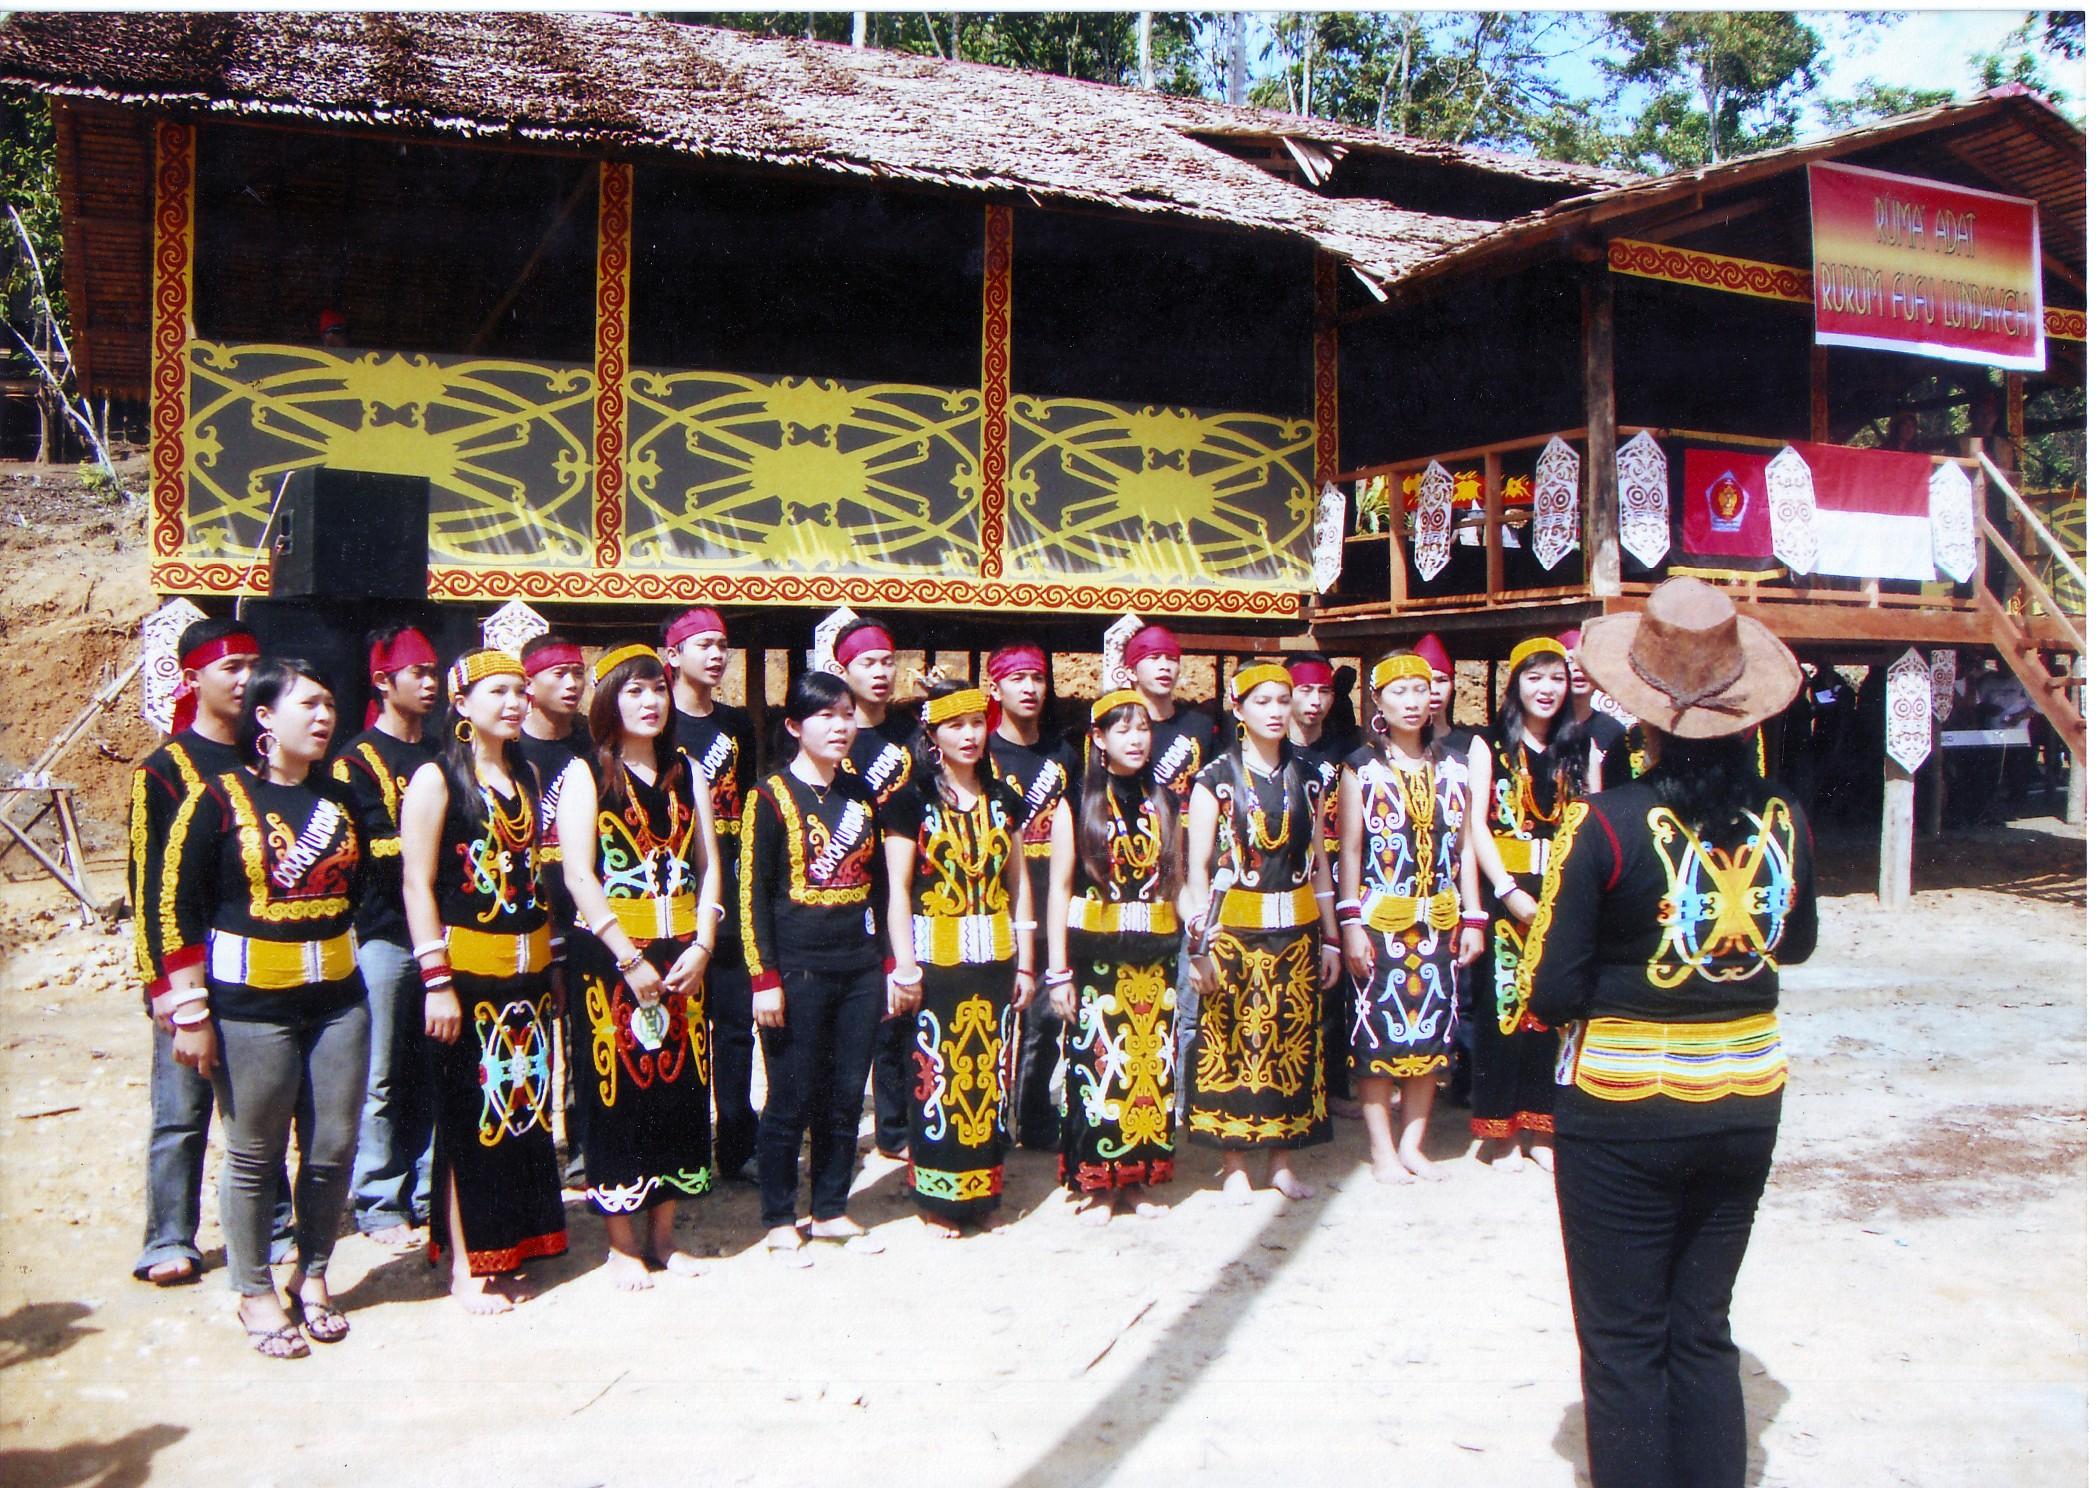 Desa Pulau Sapi Kecamatan Mentarang Kabupaten Malinau Rumh Adat Img